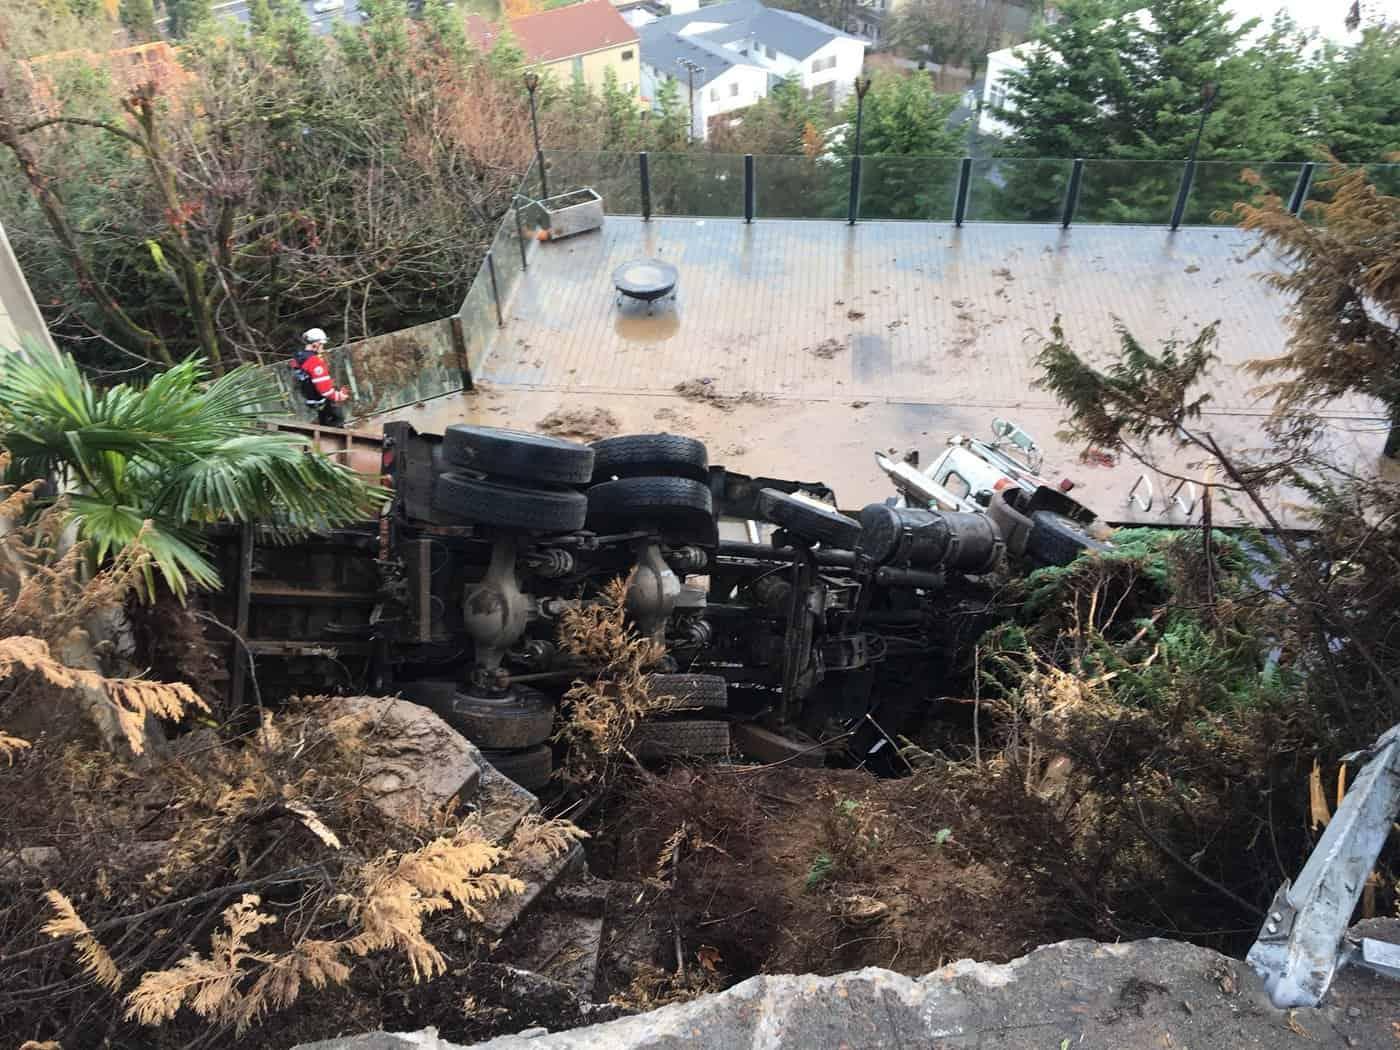 Un camion s'est écrasé dans la piscine d'Evan Turner